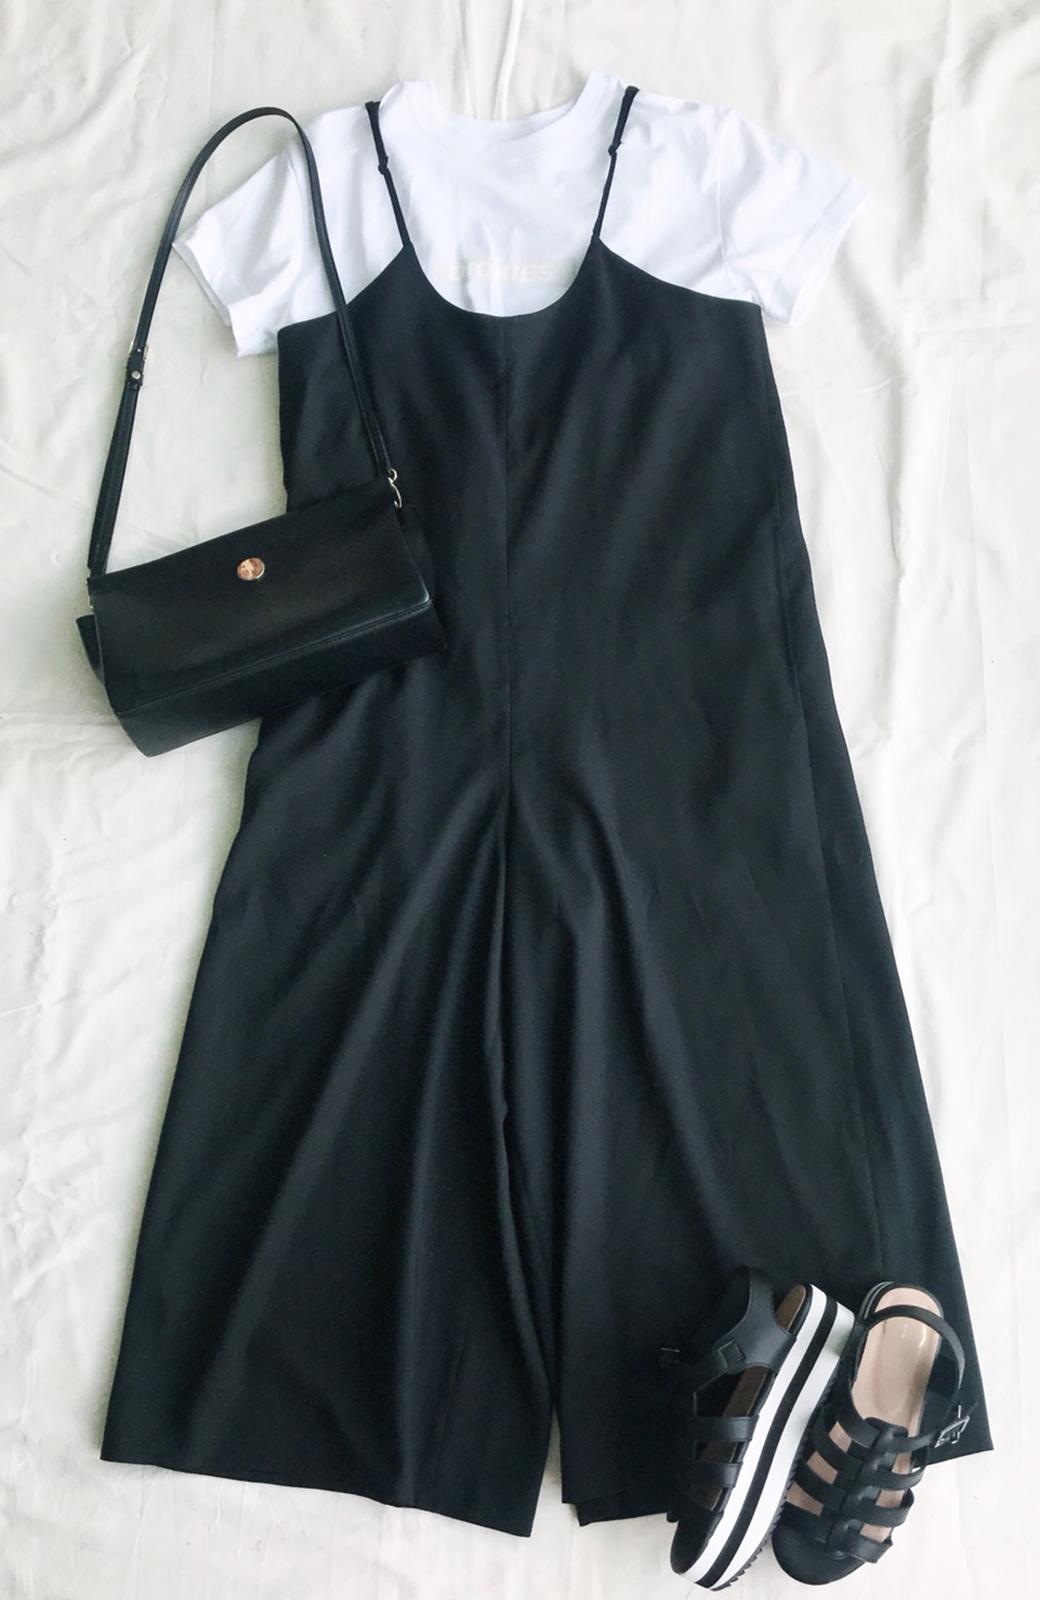 haco! 【スタッフスペシャルセット】ギリギリ女子ミオの夏のコーデに便利!手持ちのTシャツといけるんちゃうかセット  <その他>の商品写真22